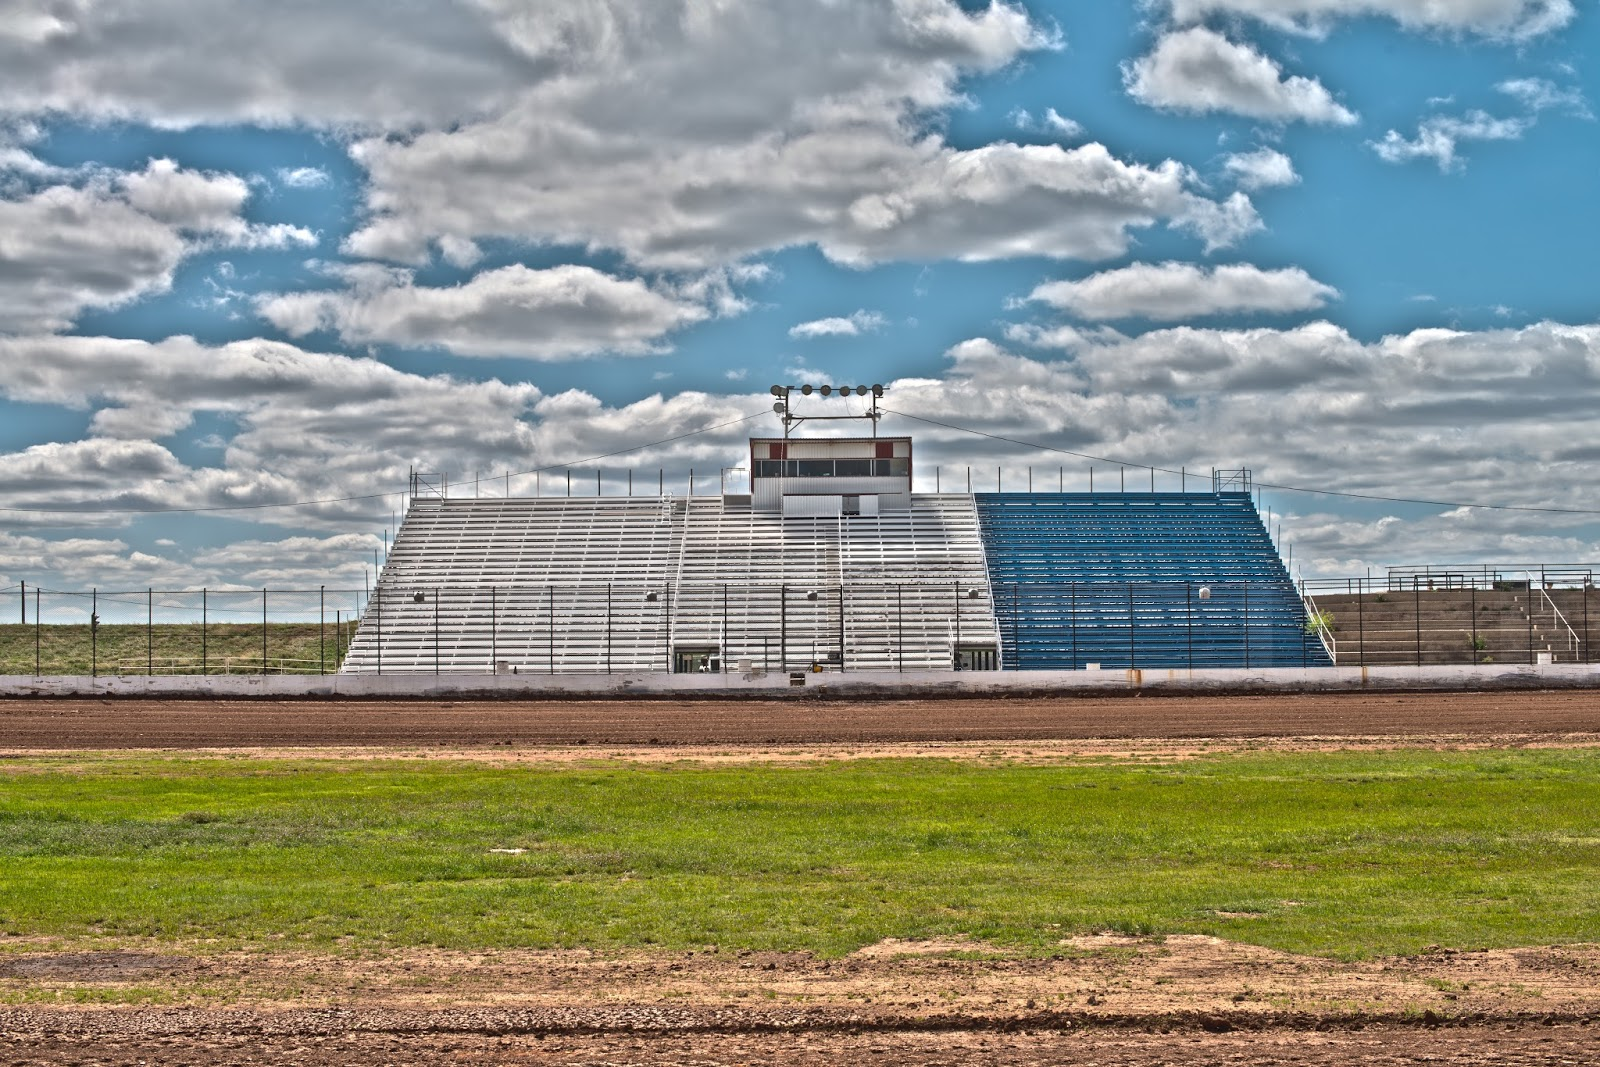 Wichita Falls Texas Photography Series Wichita Falls Texas Photography